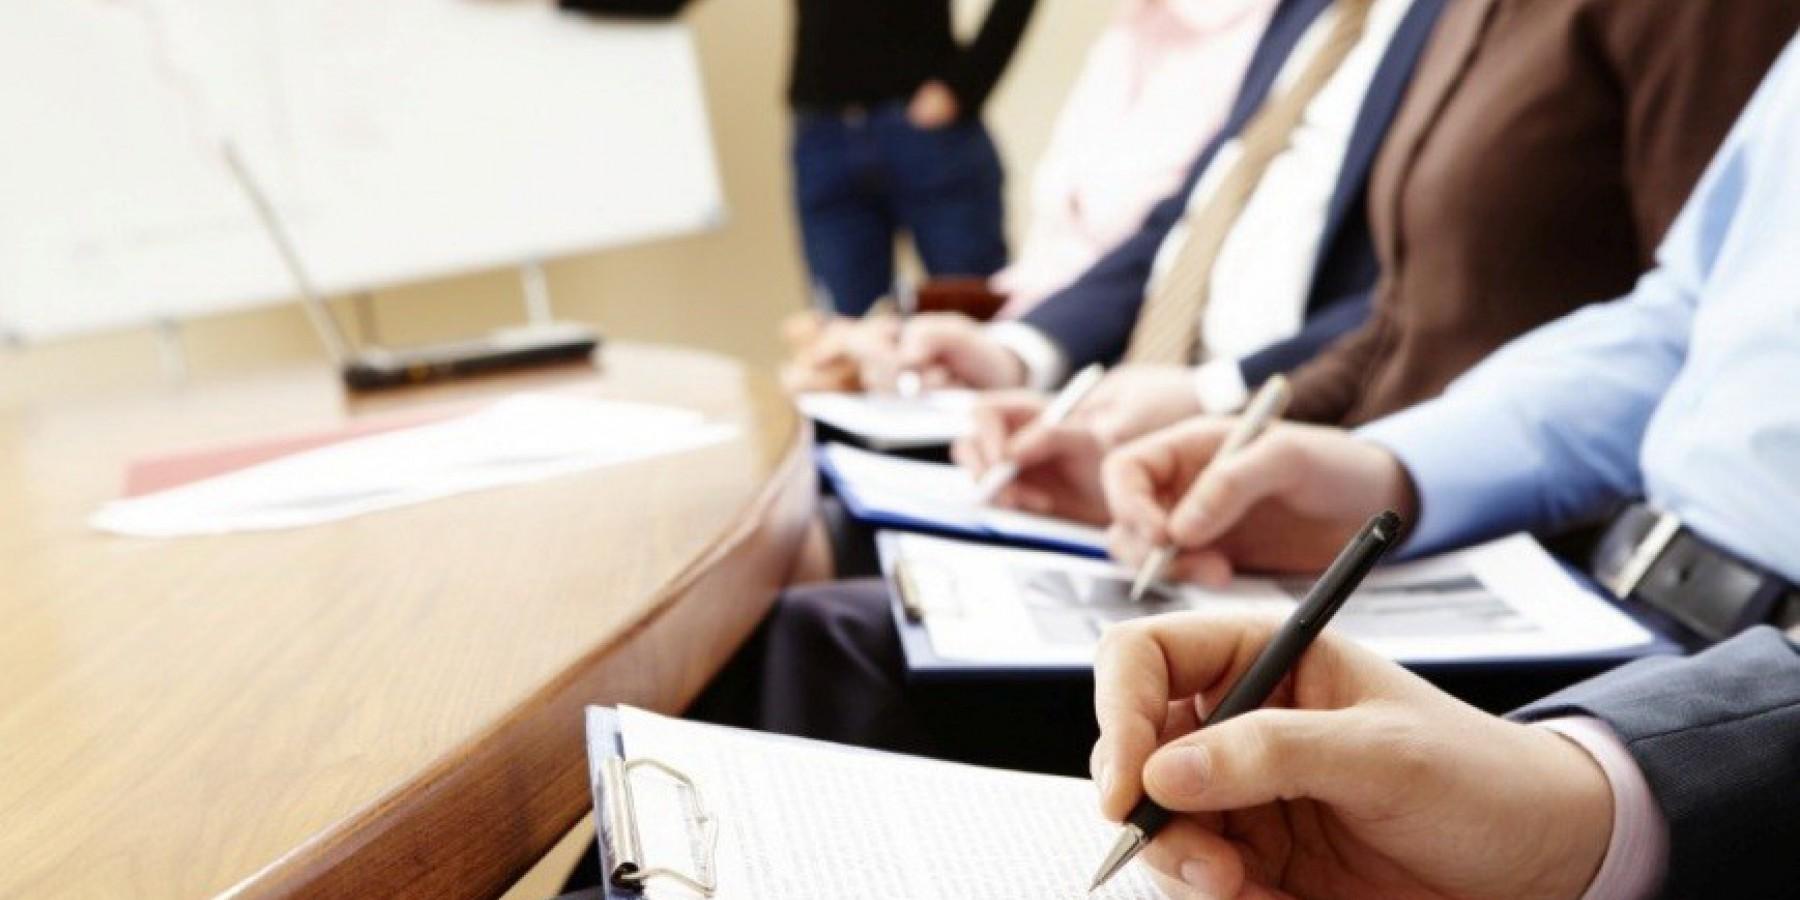 Засідання місцевої конкурсної комісії з оцінки та проведення конкурсного відбору проєктів субєктів малого підприємництва